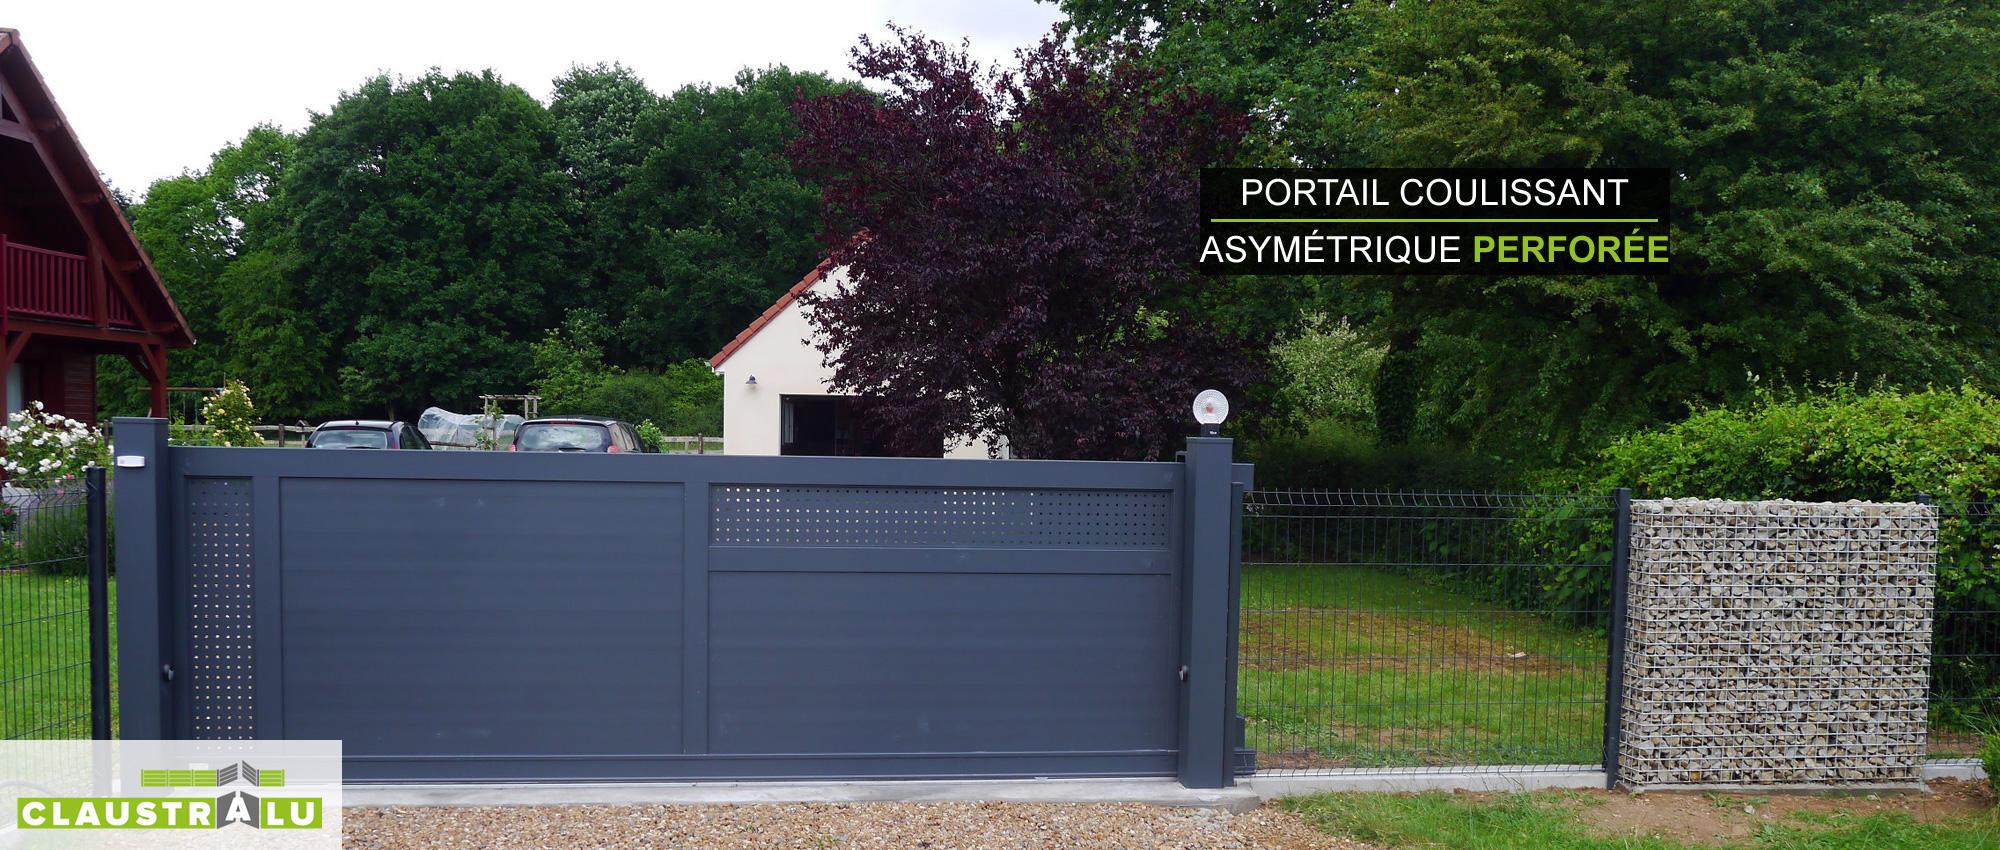 Portail coulissant maison pour quel type de portail - Portail de jardin pas cher ...